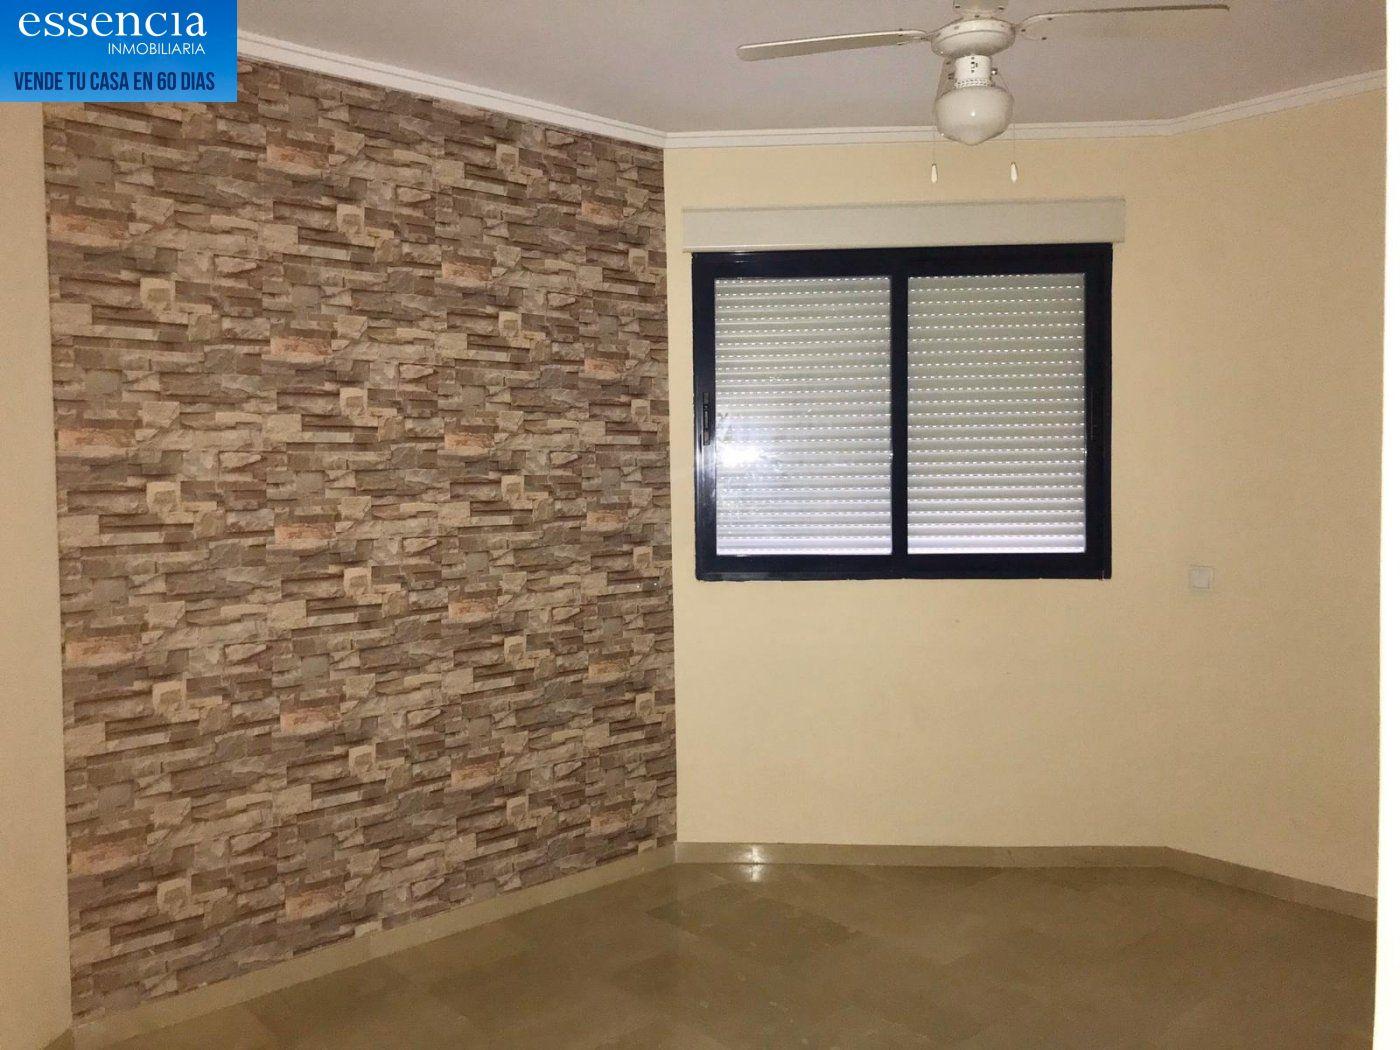 Apartamento de 2 dormitorios y 2 baños con salón con balcón. - imagenInmueble8